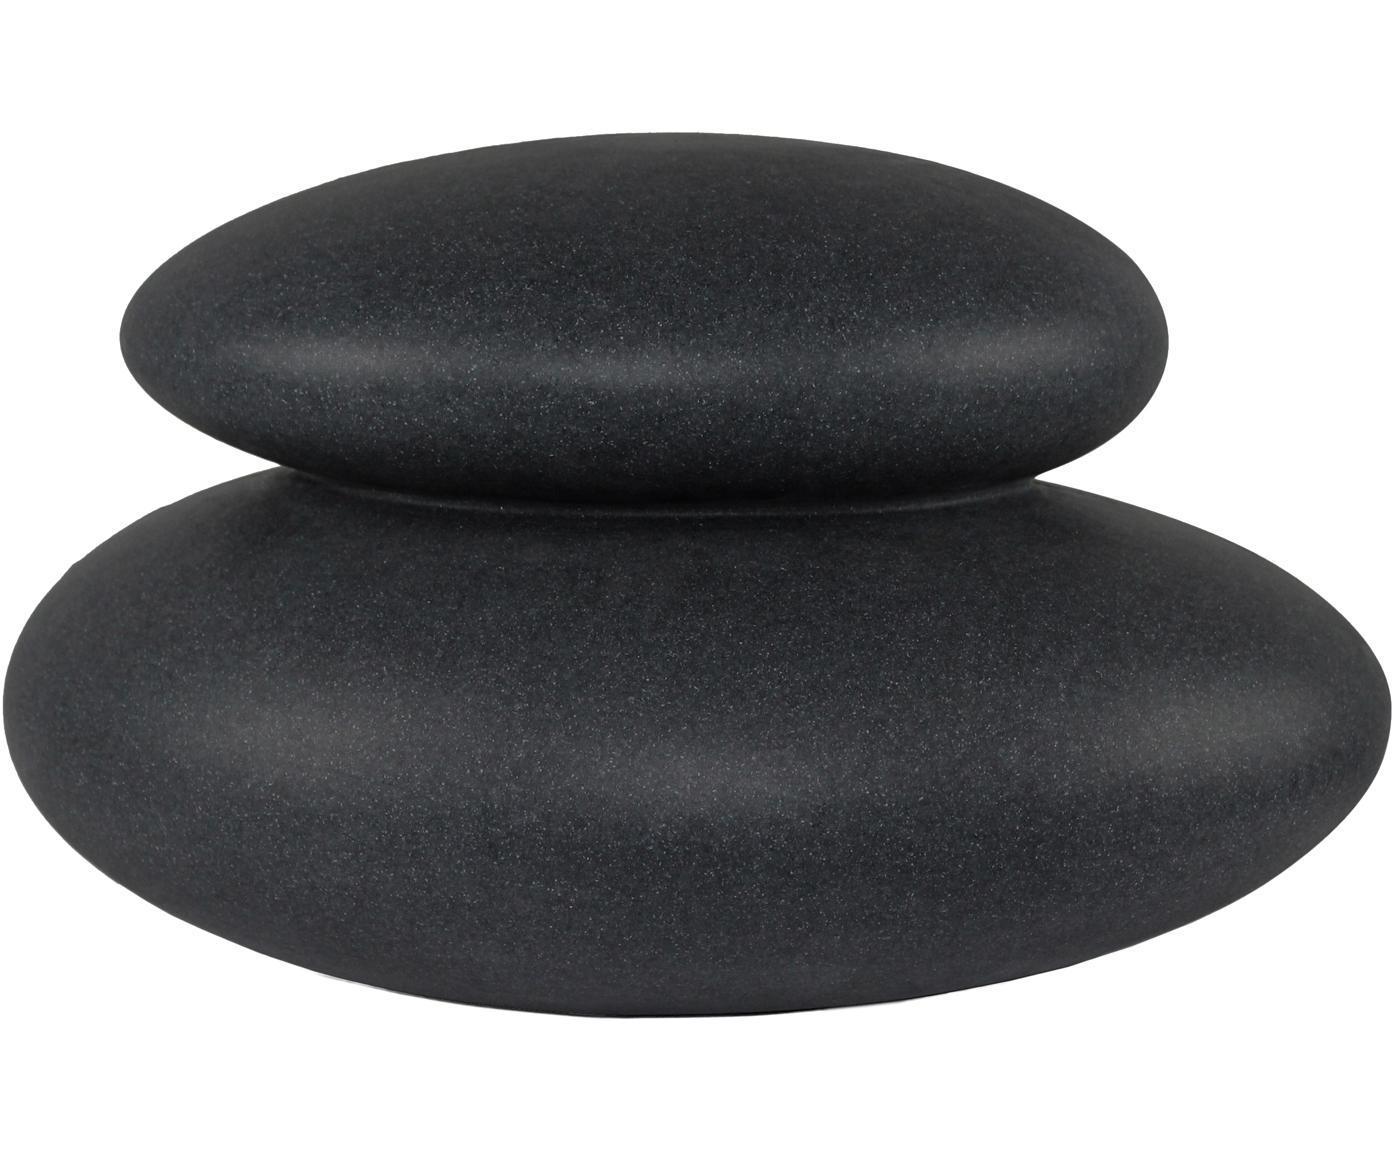 Außenleuchte Shining Stone, Kunststoff, Anthrazit, 39 x 22 cm